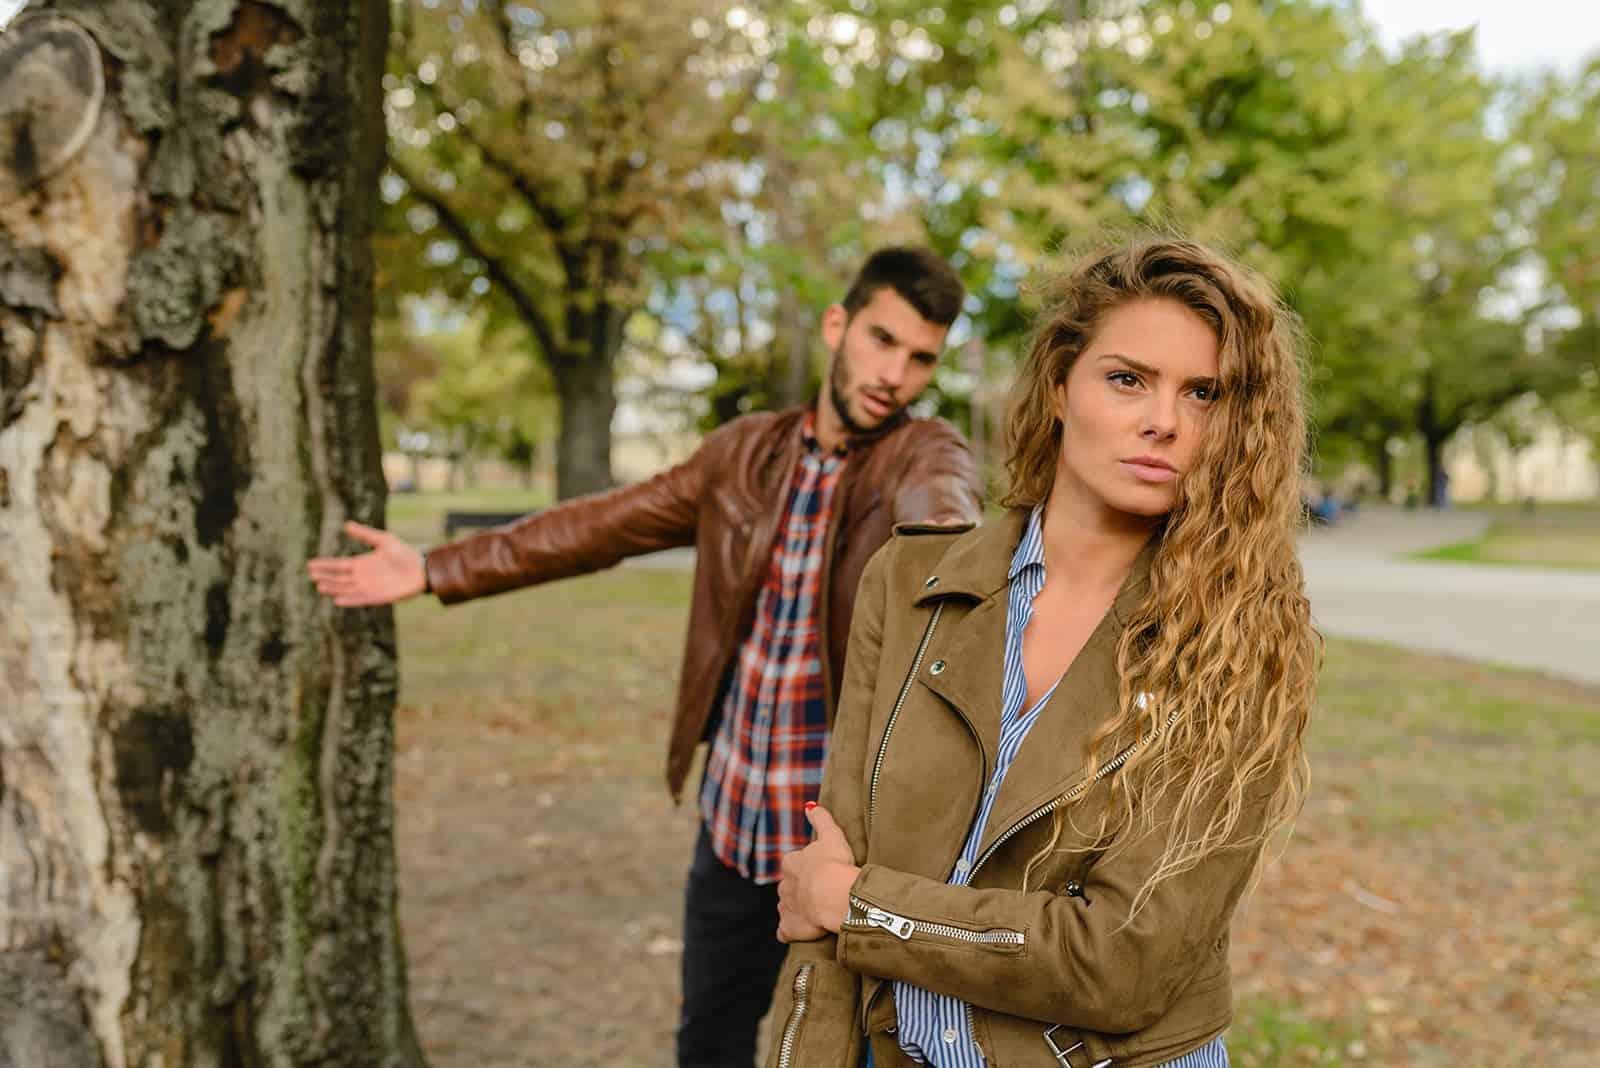 verärgerte Frau, die sich wieder einem Mann zuwendet, der mit ihr im Park spricht